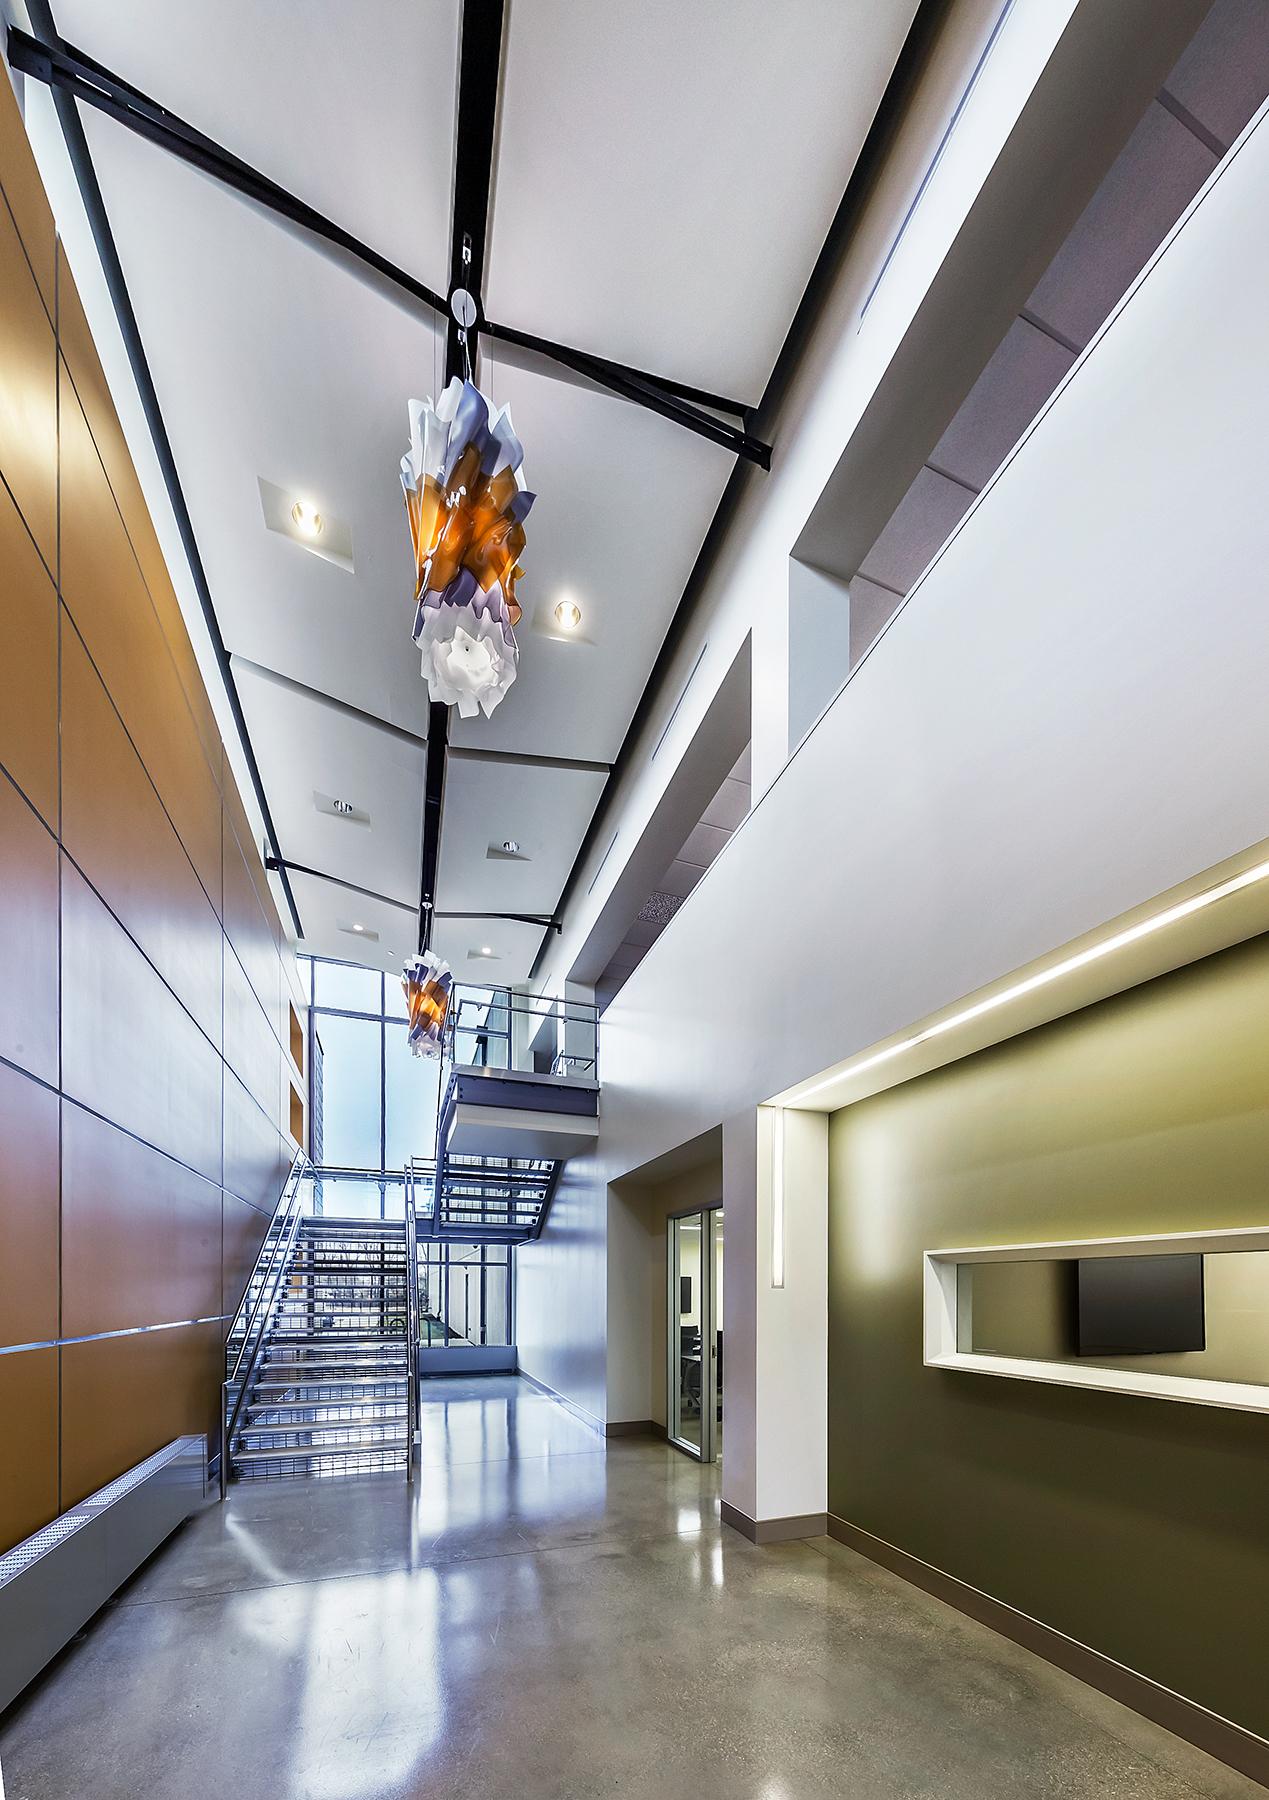 Cedar-Concepts-Chicago-Illinois-Atrium-0